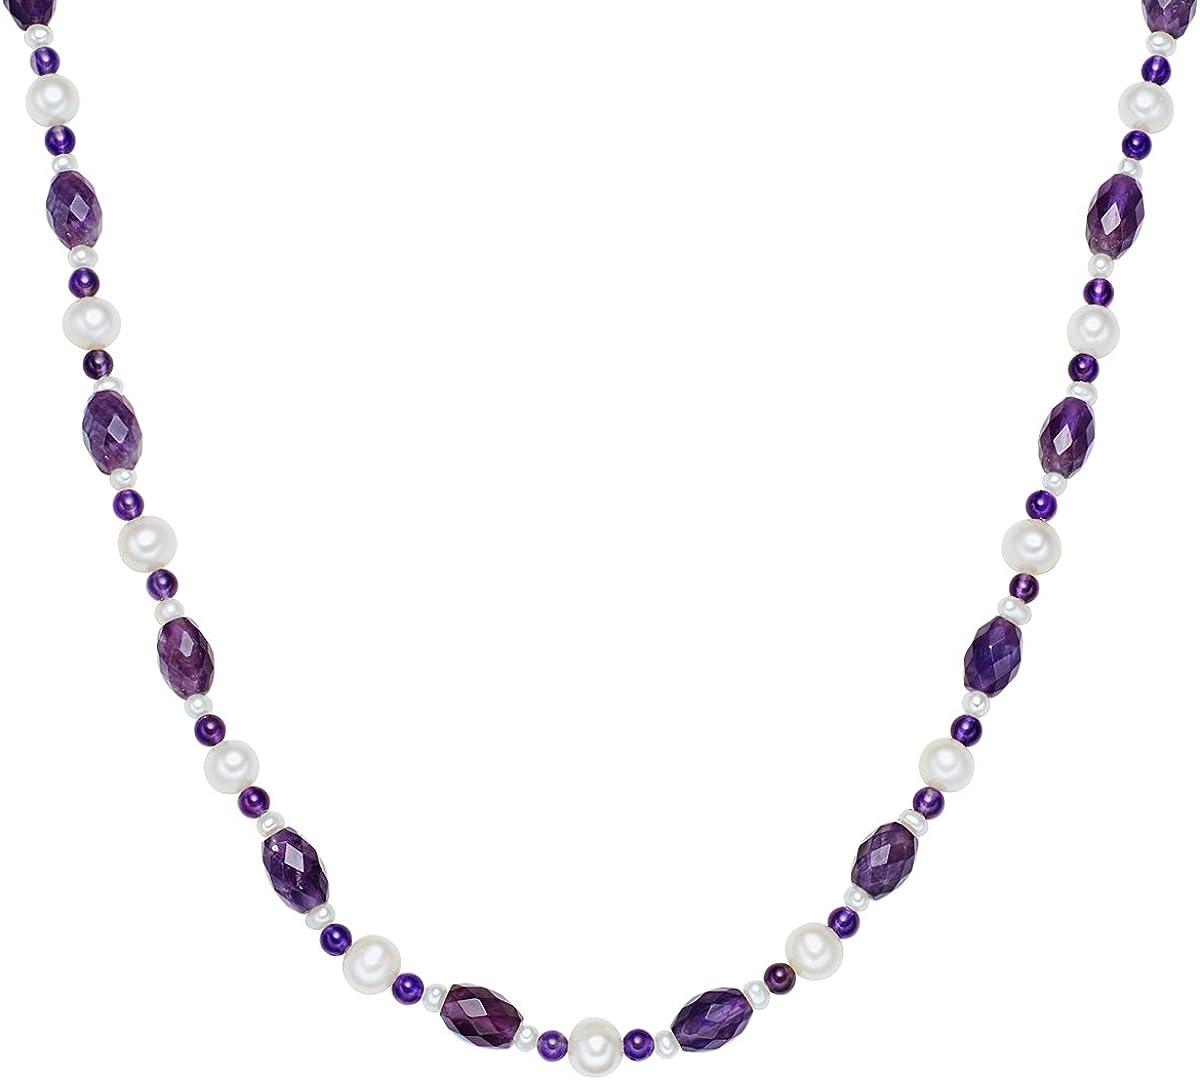 Valero Pearls - Collar de piedras preciosas / Collar de perlas embellecido con Perlas de agua dulce - Hilo de seda - 925 Plata esterlina - Pearl Jewellery, Cadena de Hilo de seda - 456020